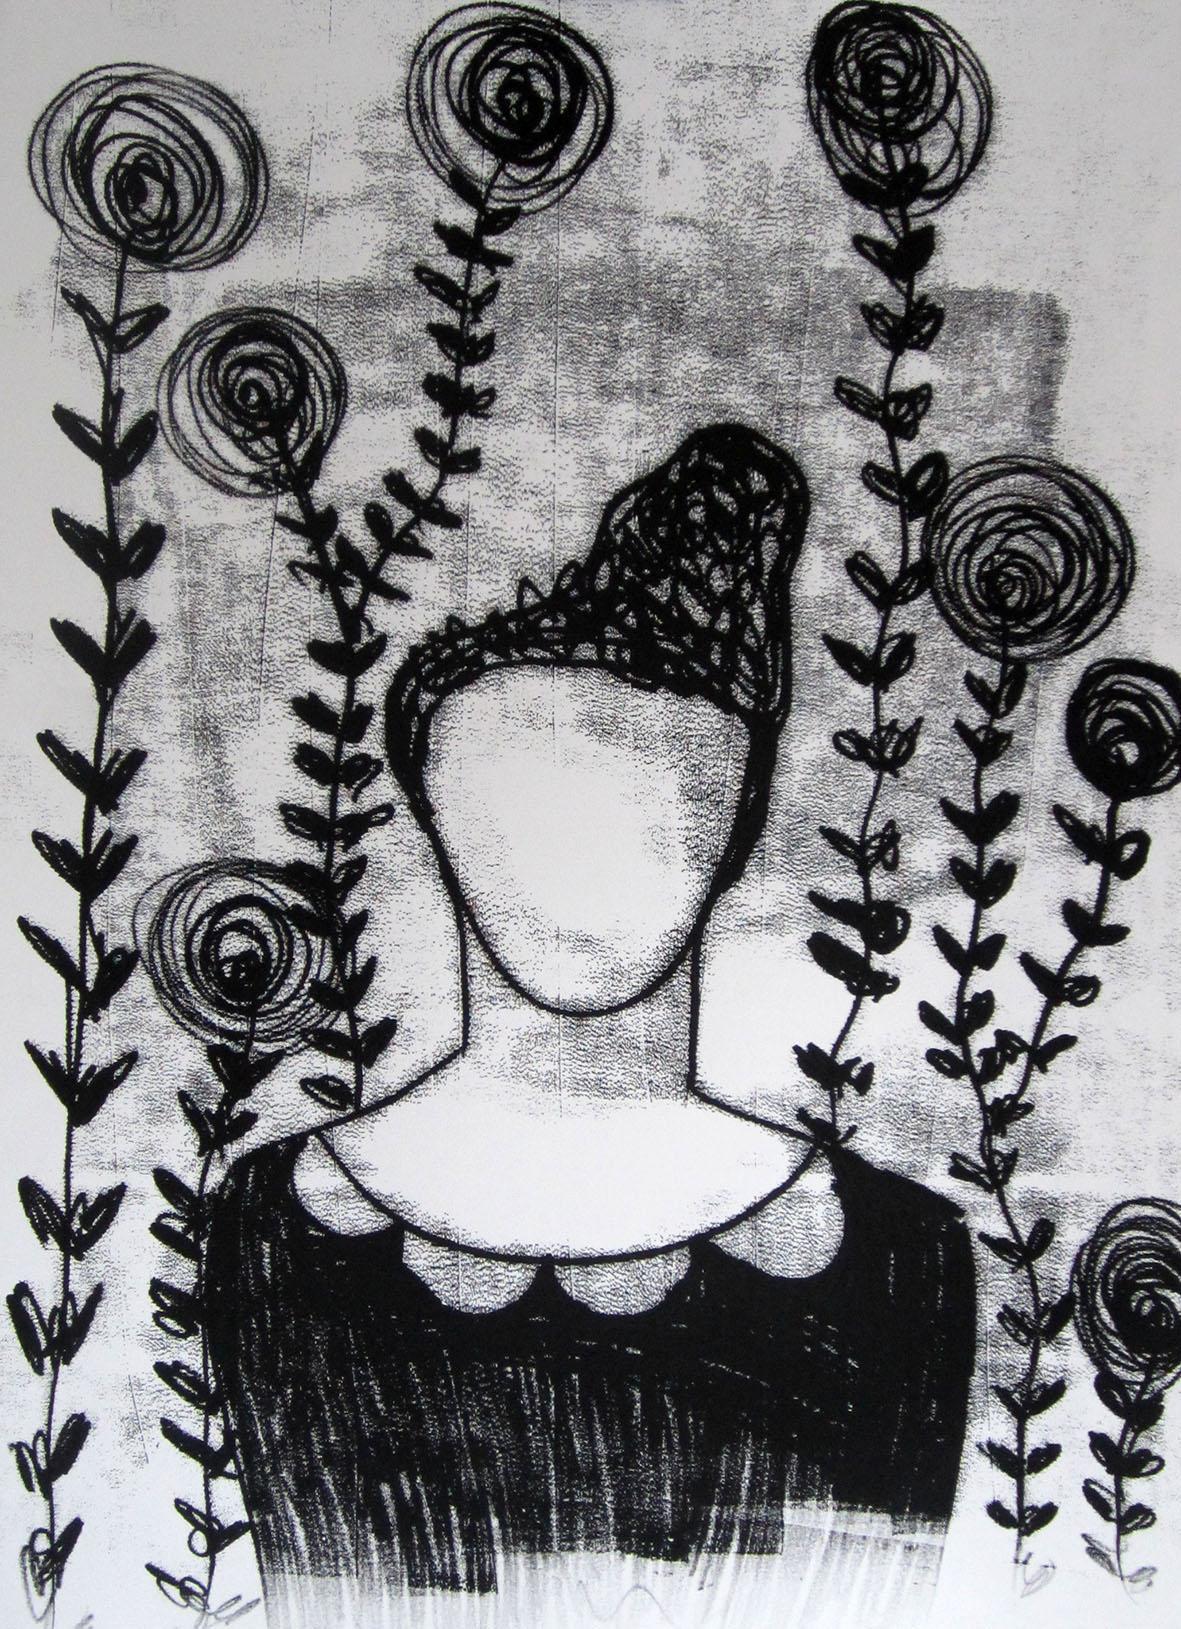 Bloemen kunnen zien #6  - Lotte Marijt